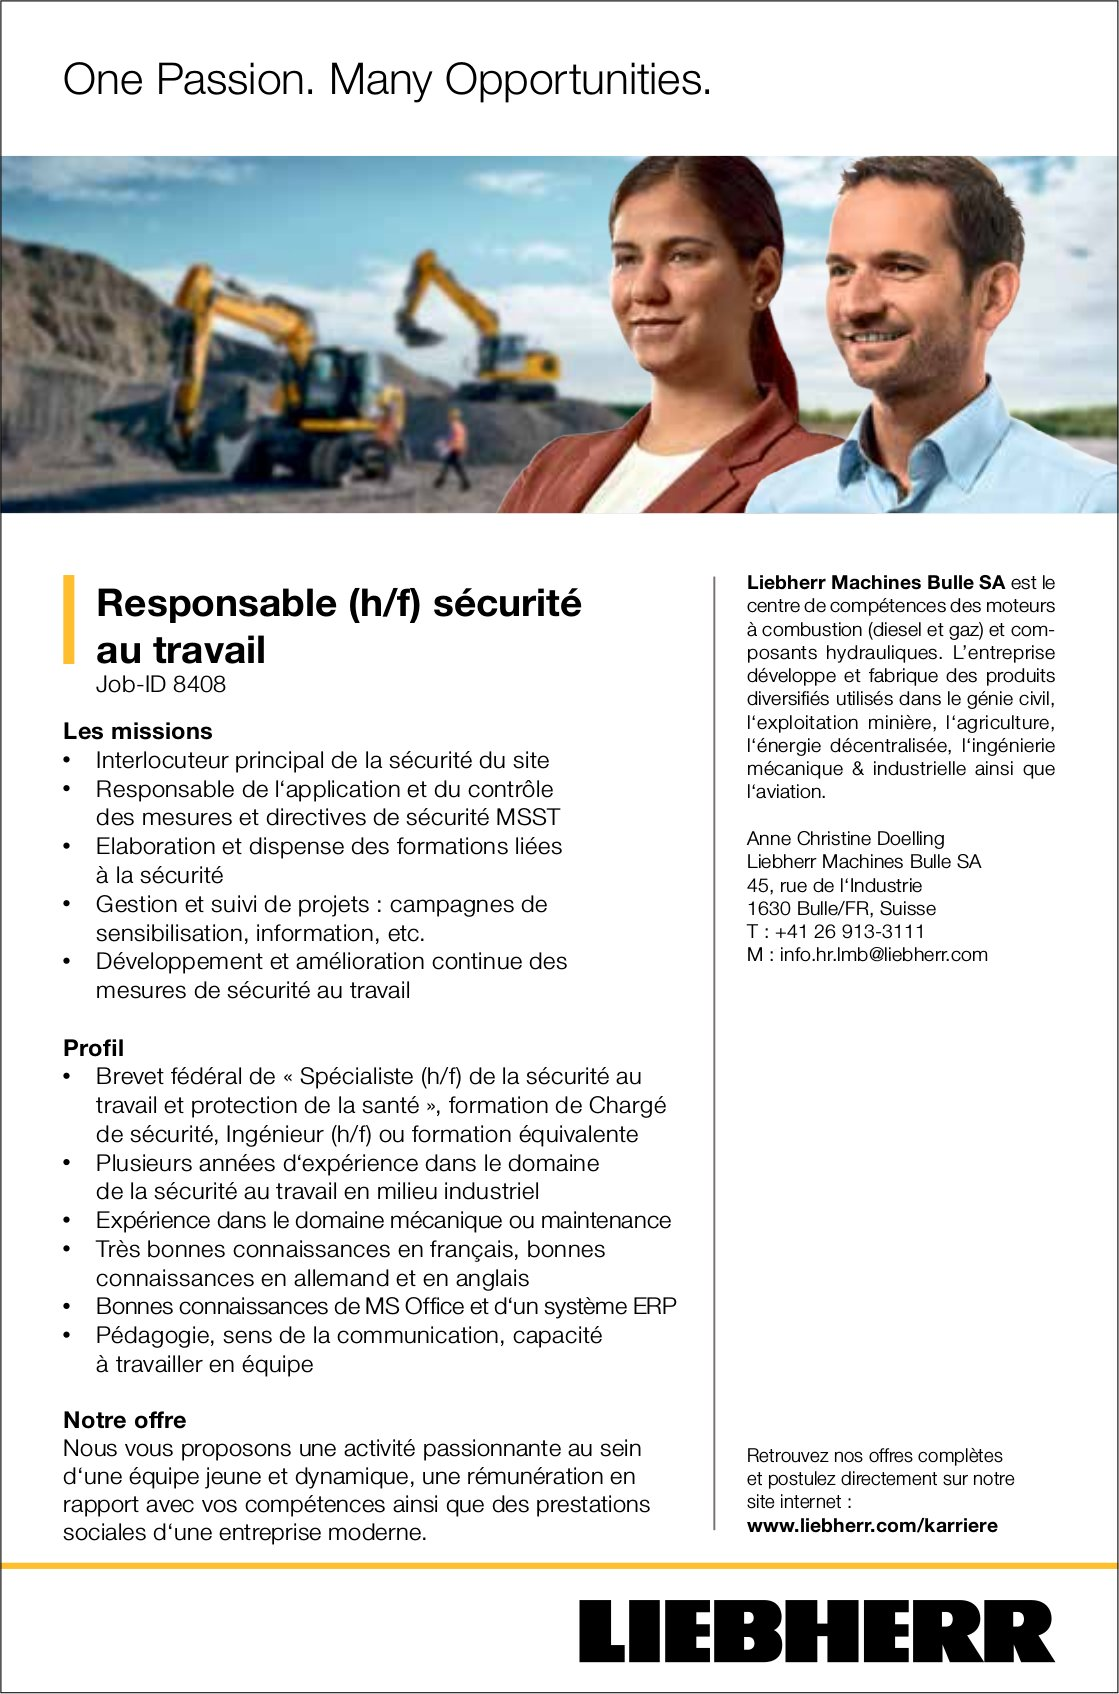 Responsable (h/f) sécurité au travail, Liebherr, Bulle, recherché